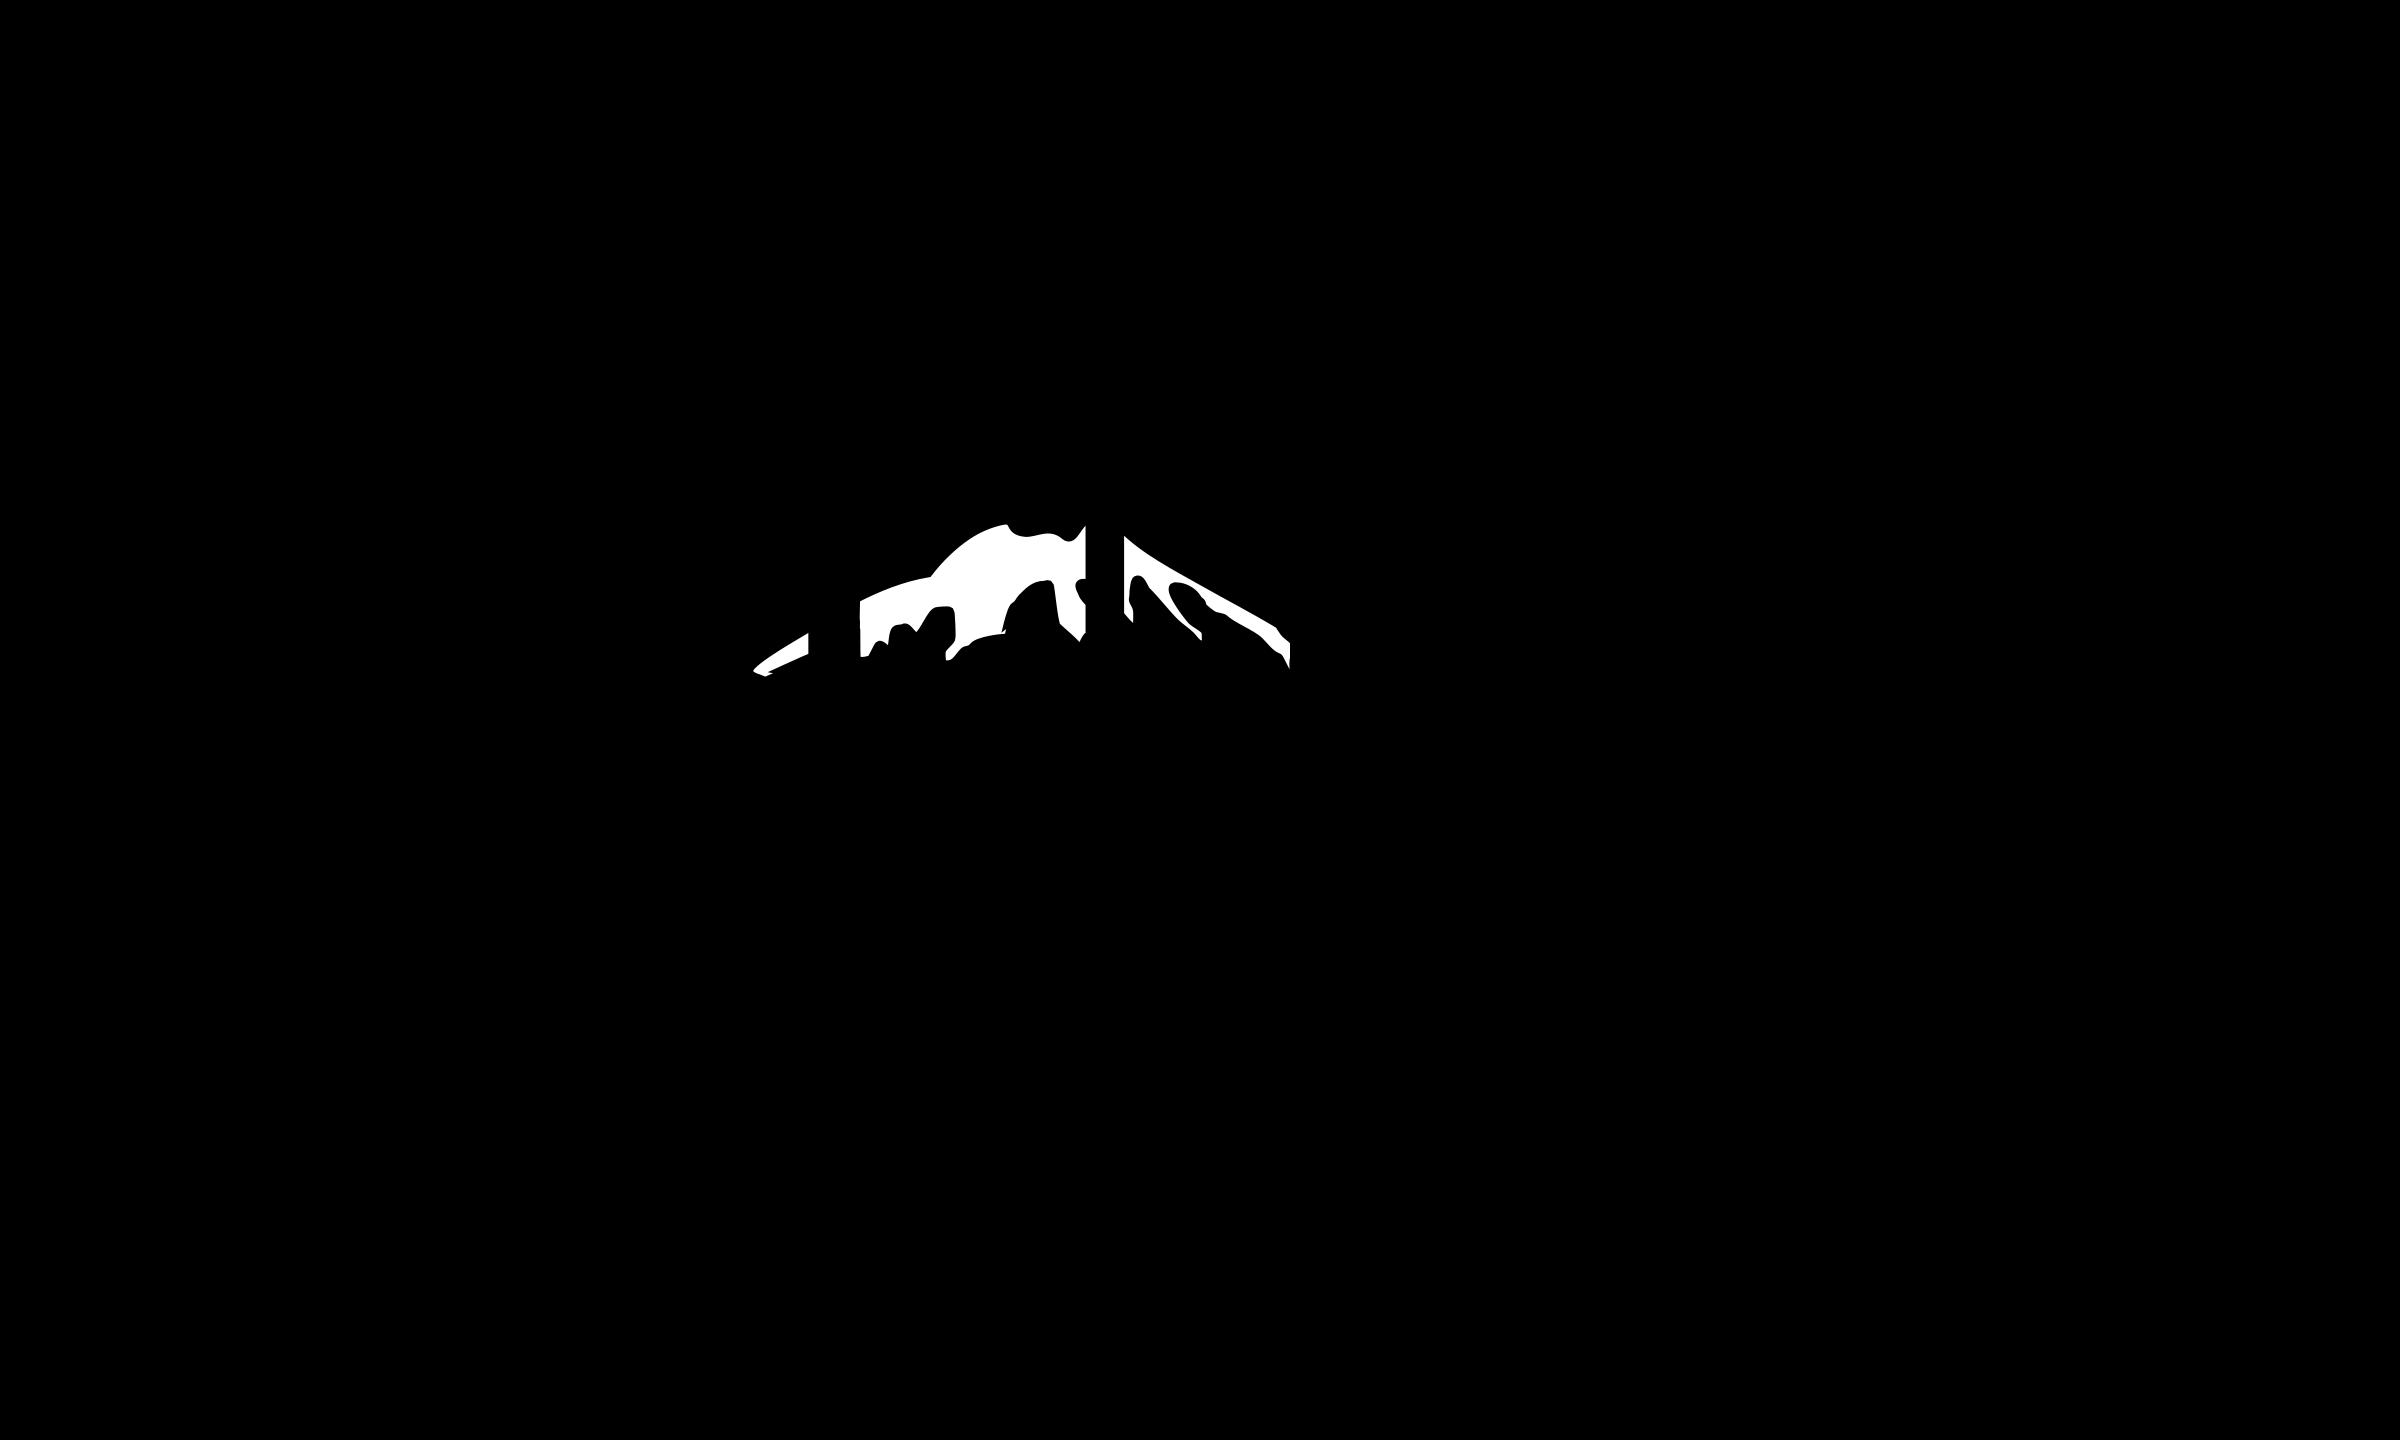 Hike clipart moutain. Fuji hiking mountain club